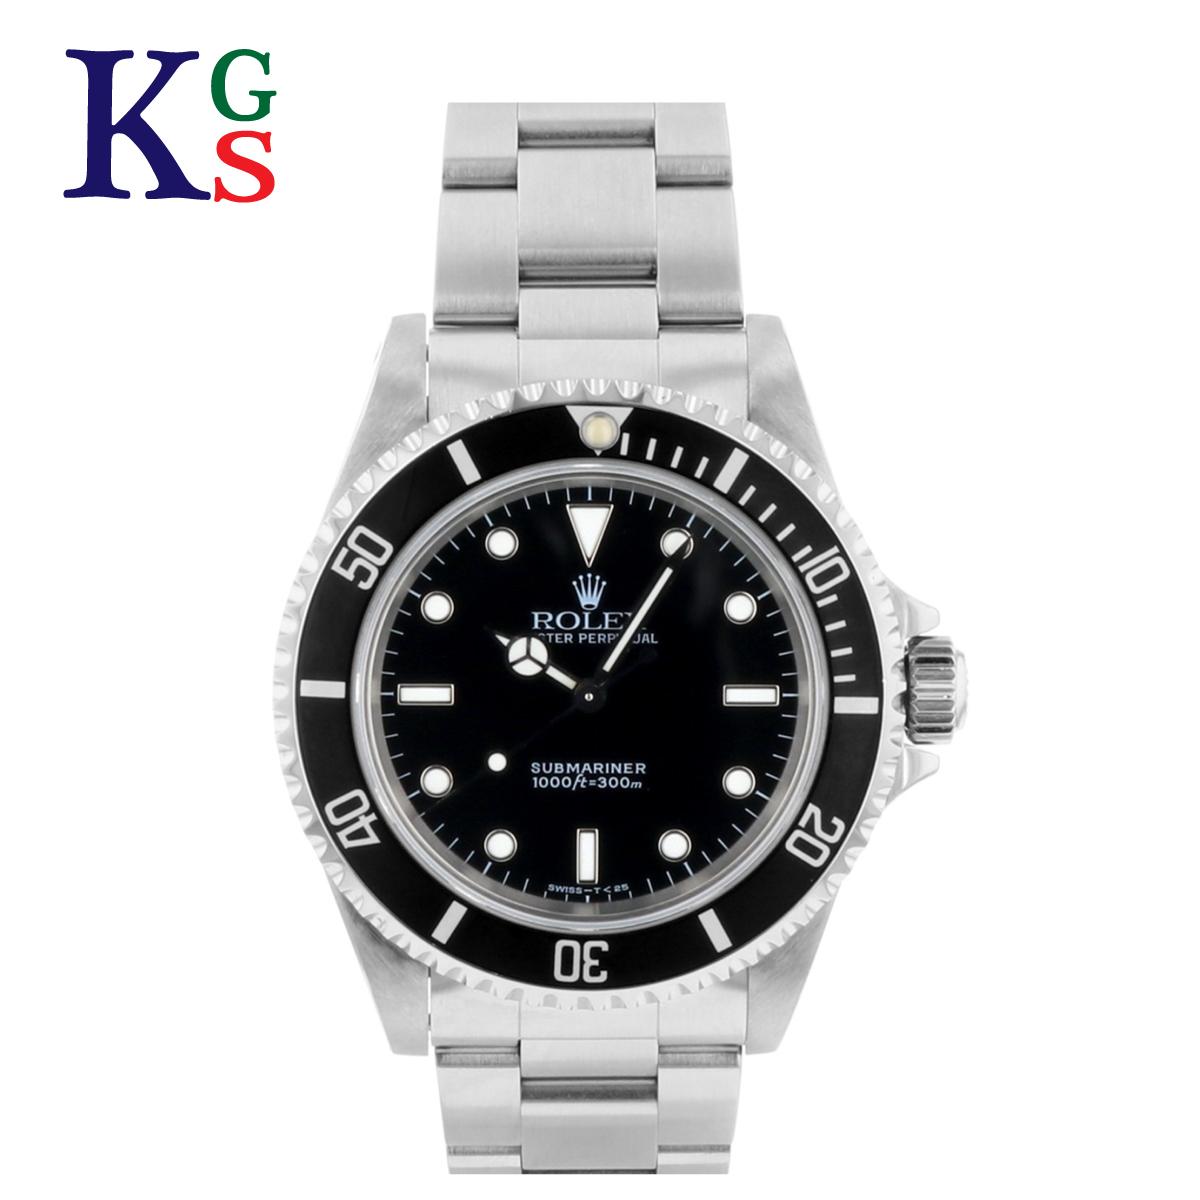 【ギフト品質】ロレックス/ROLEX メンズ 腕時計 サブマリーナ ノンデイト 自動巻き ステンレススチール ダイバーズウォッチ 14060